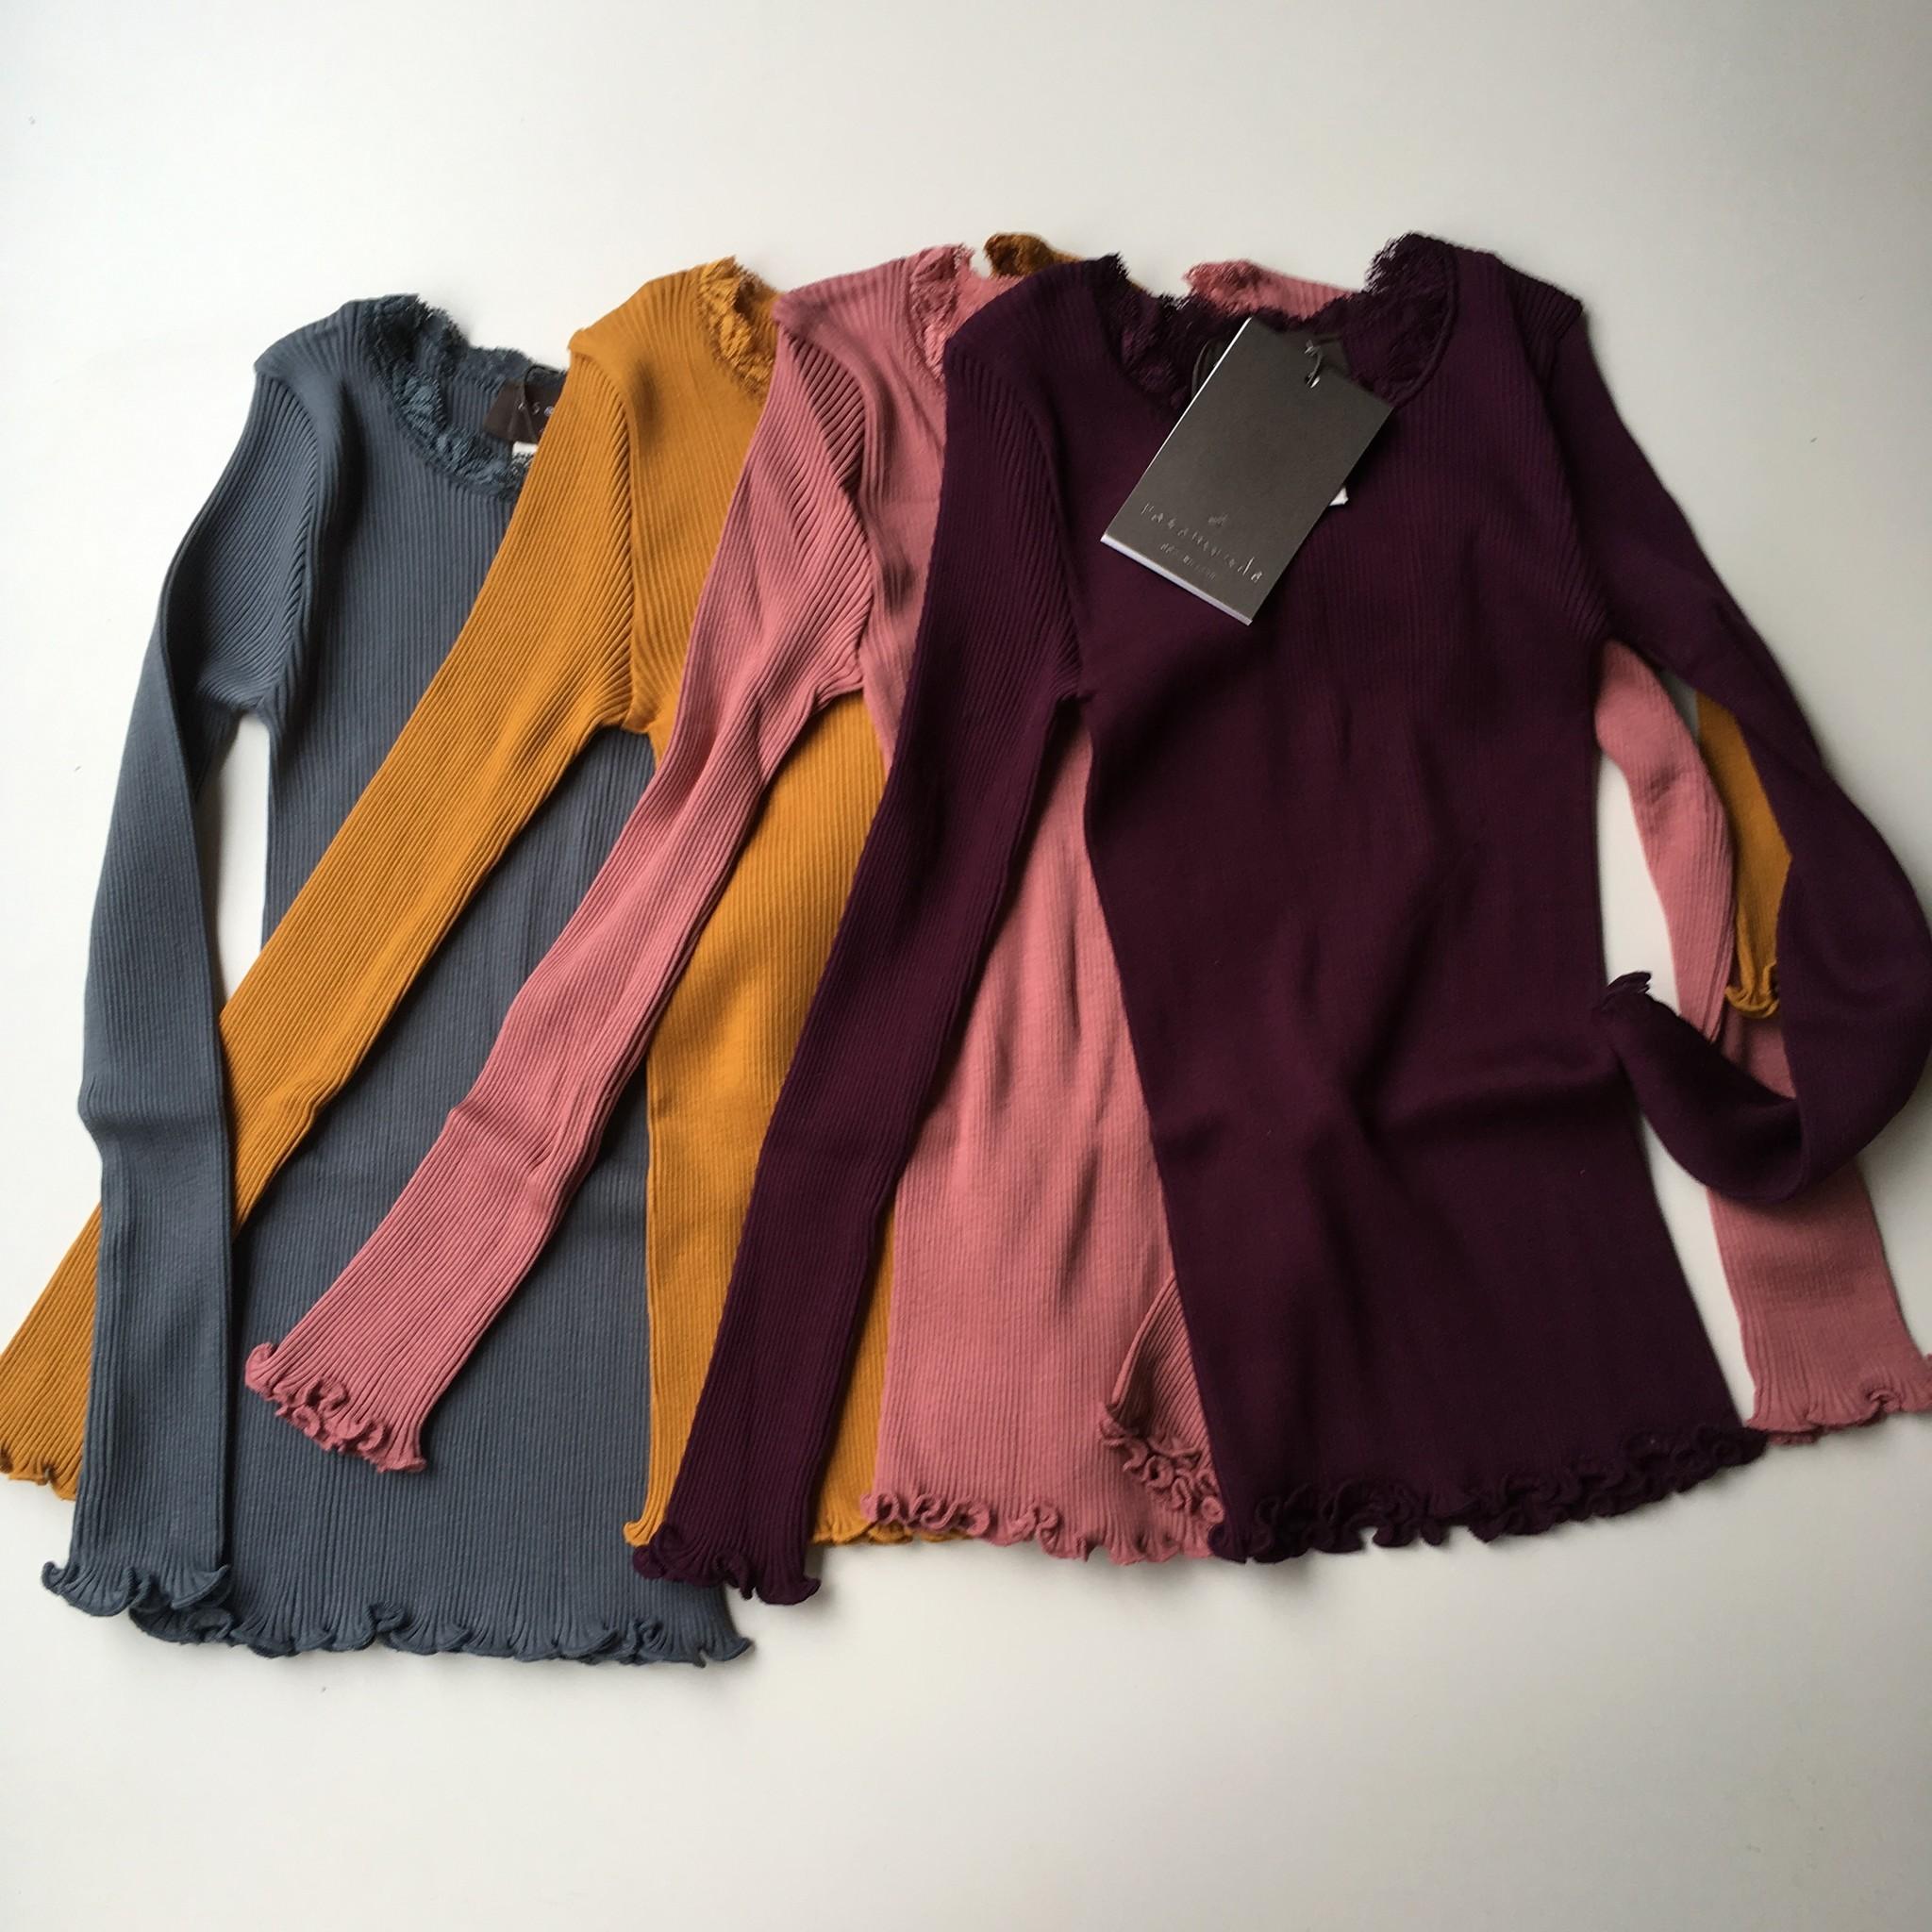 Rosemunde zijden meisjes shirt LIZ - 55% zijde/ 45% katoen - oud roze - 4 tm 14 jaar